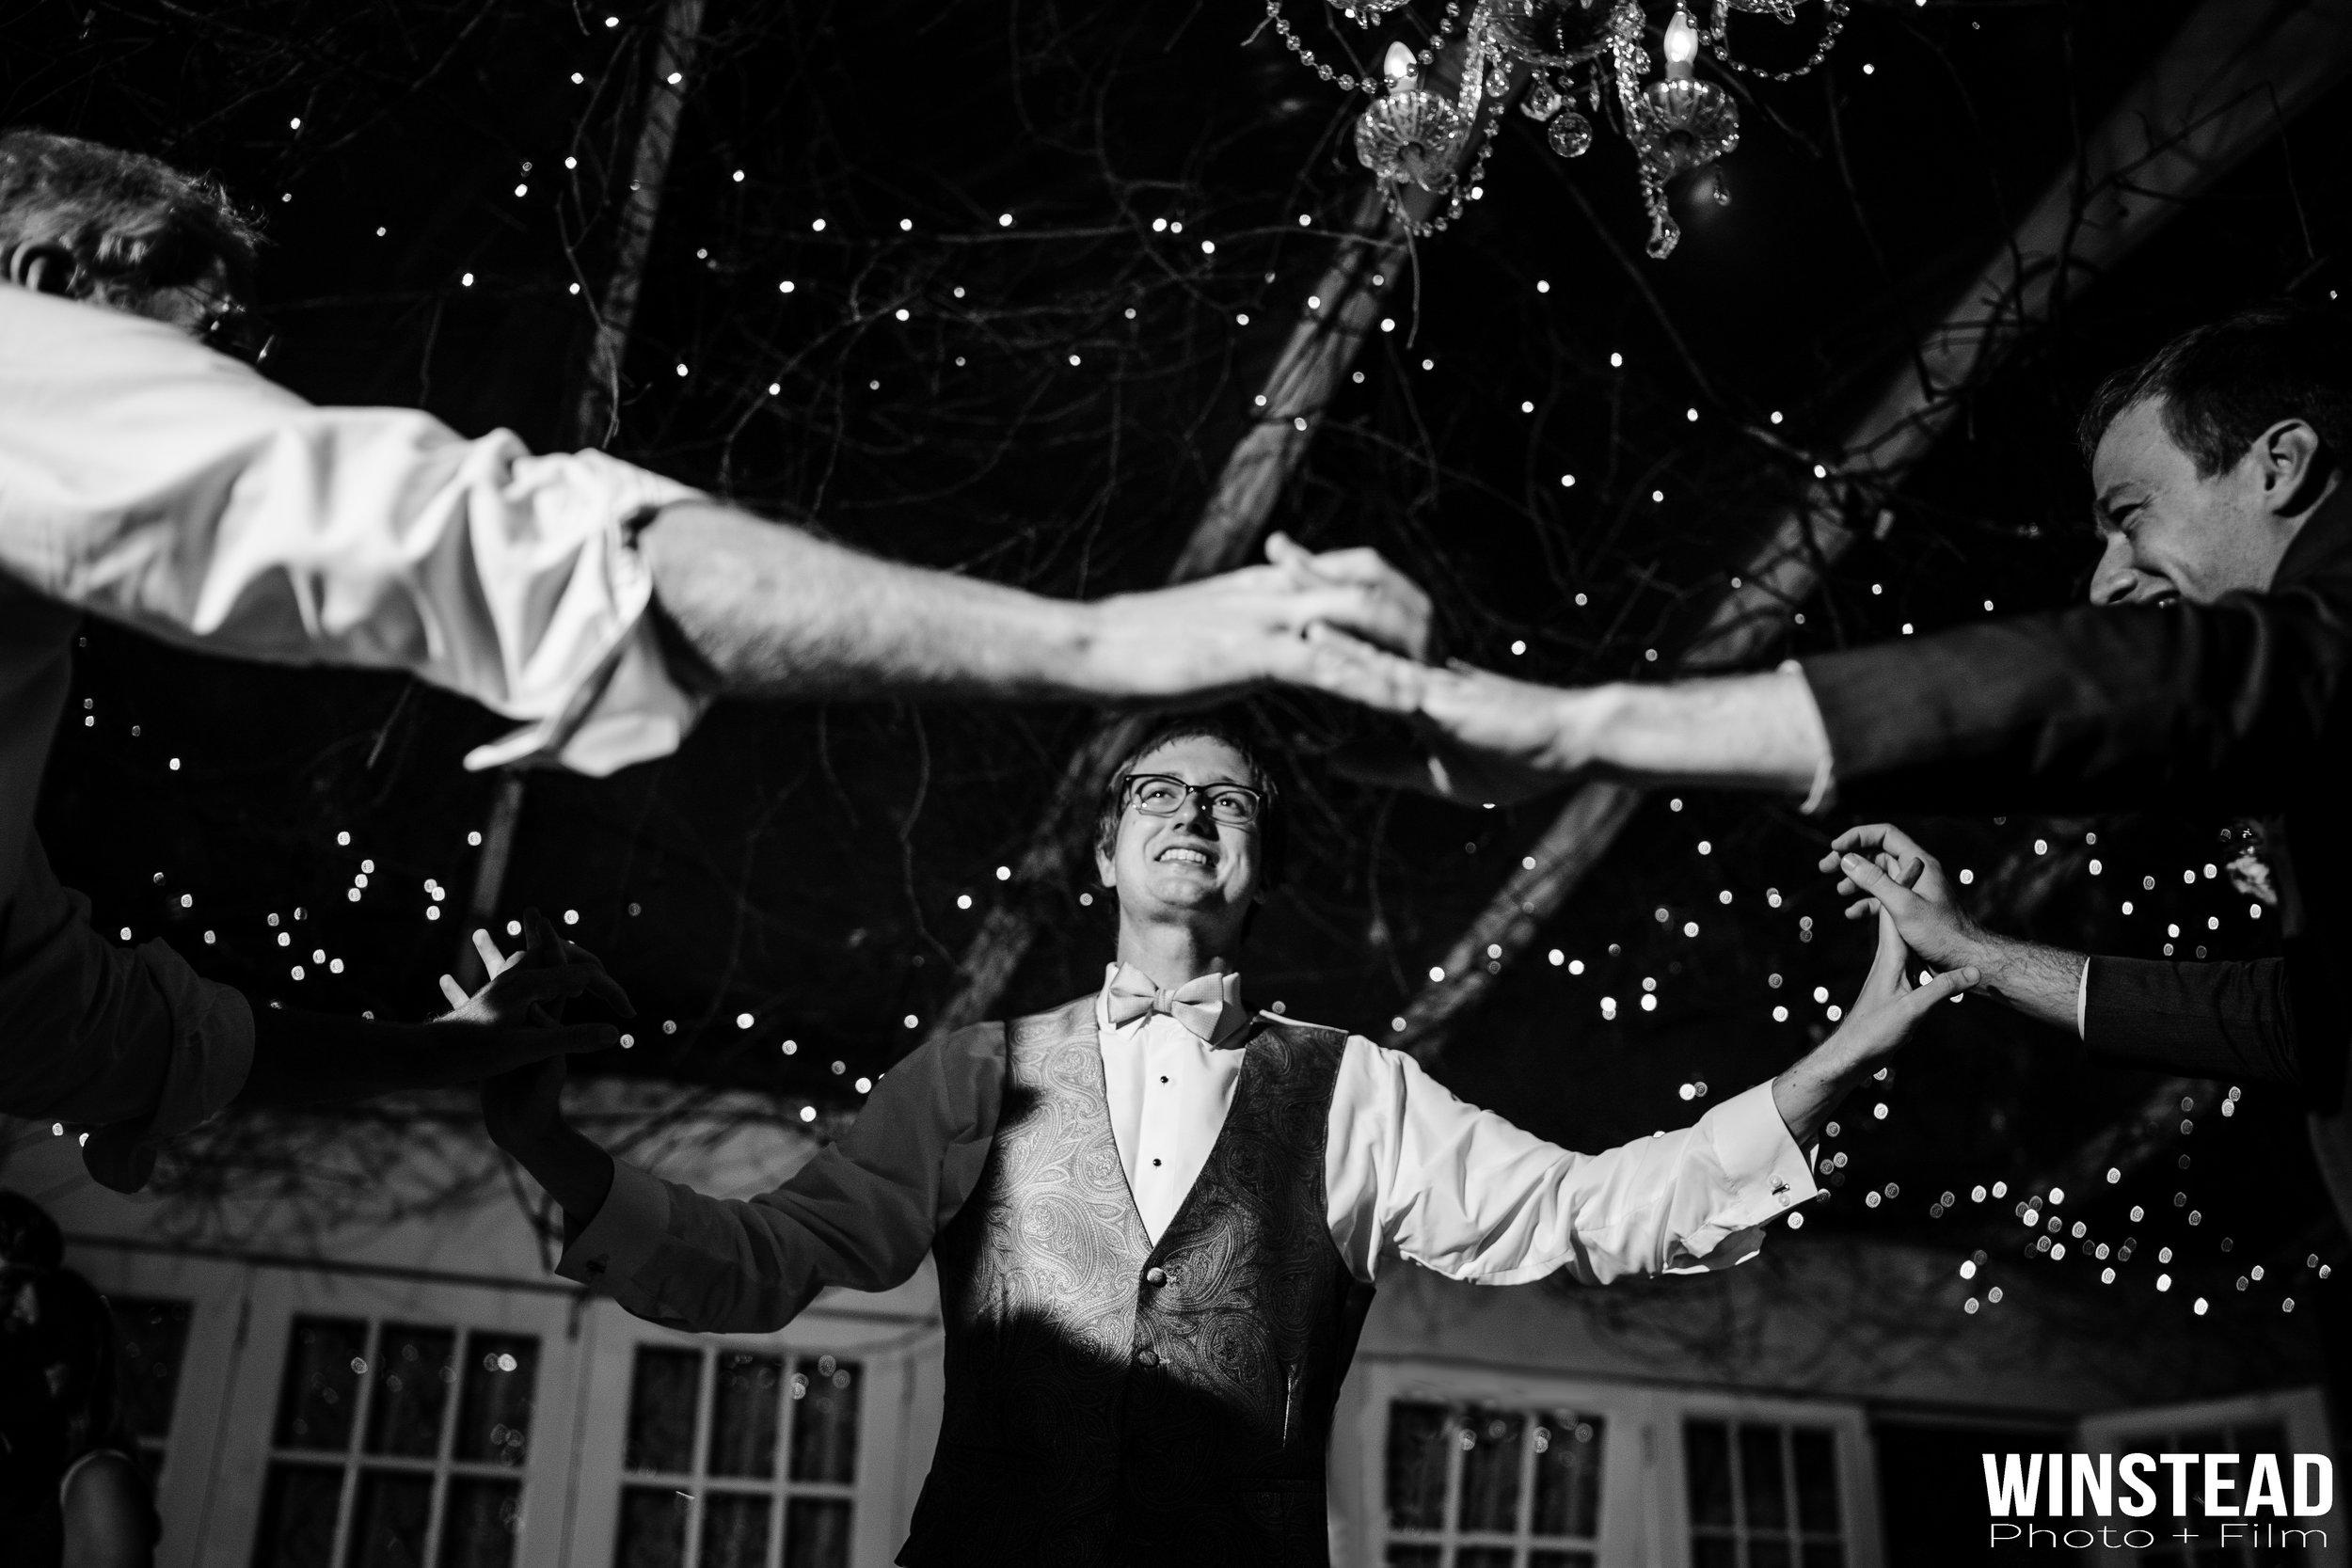 watson-house-emerald-isle-nc-wedding-063.jpg